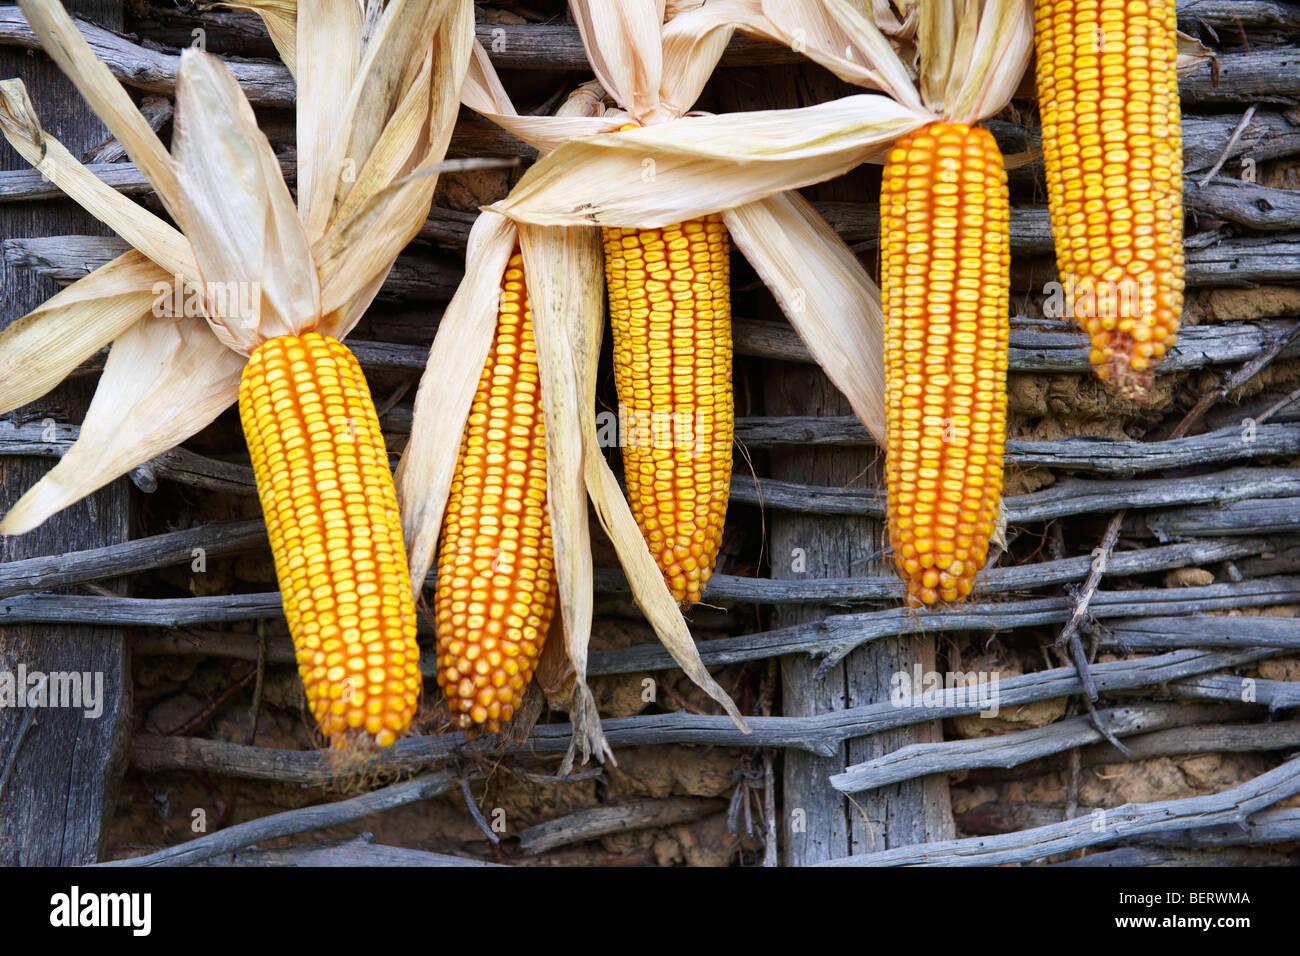 Épis de maïs séchage - Hongrie Photo Stock